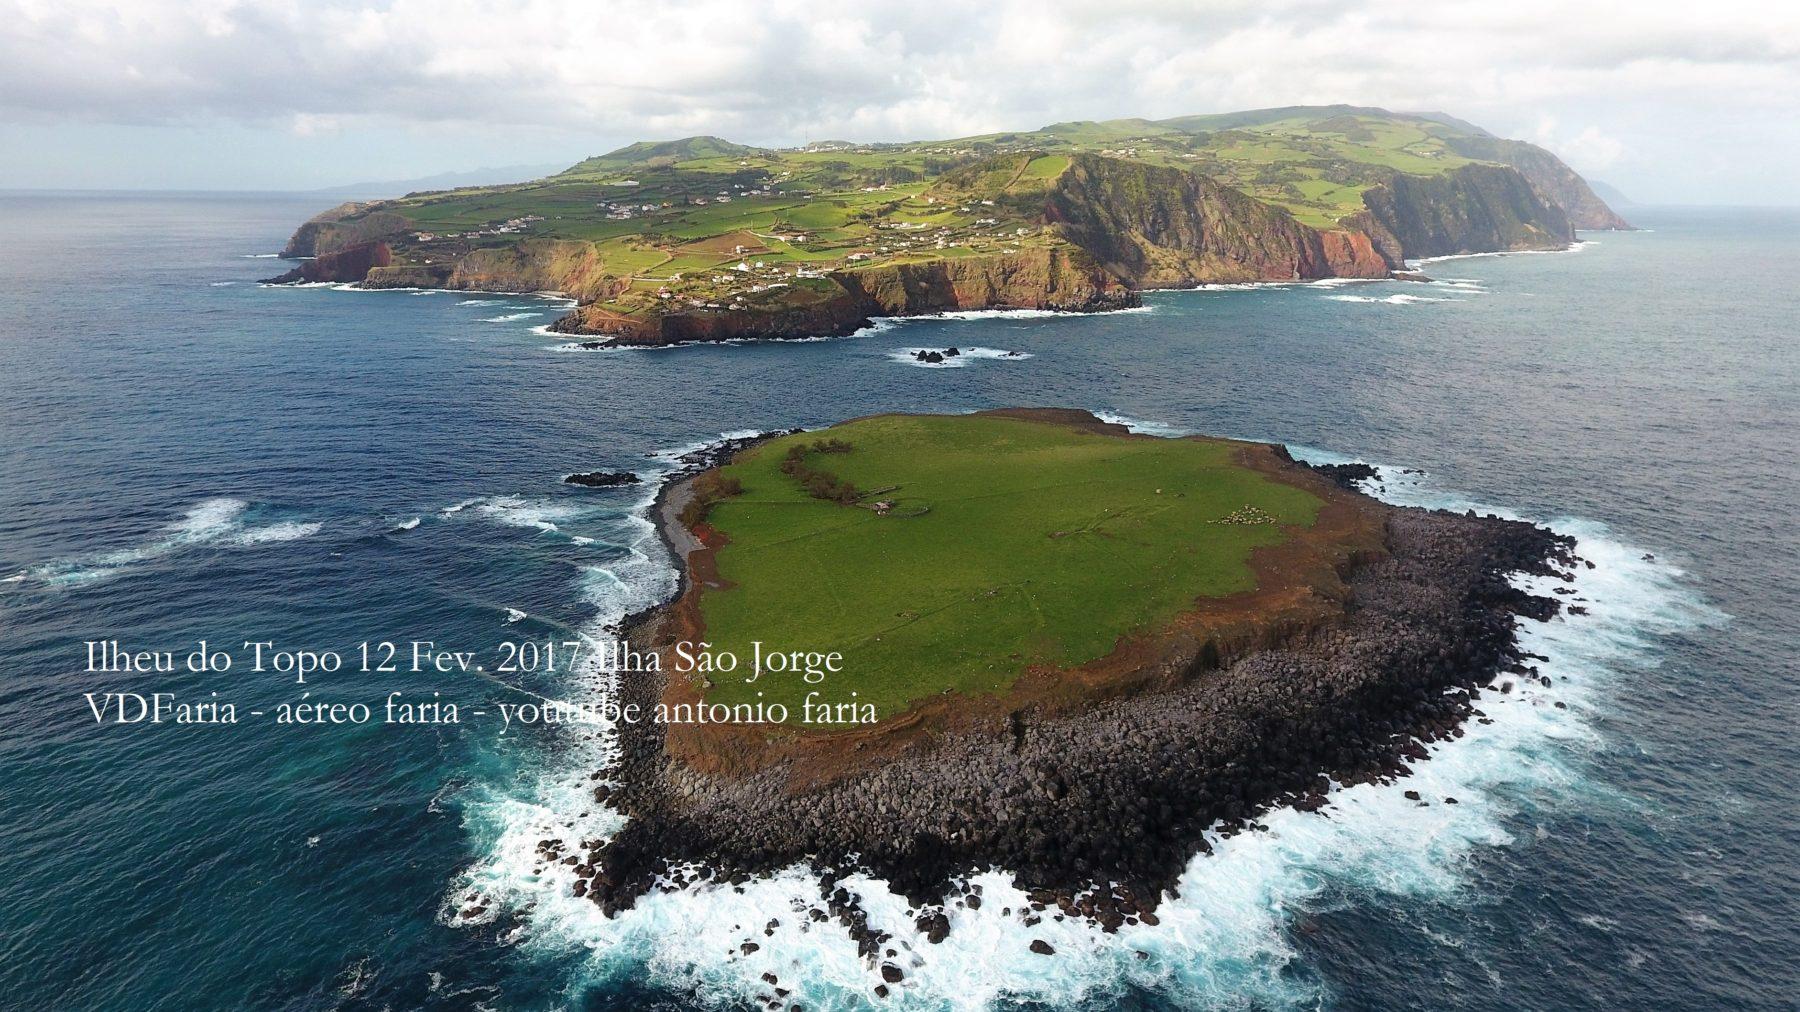 Ilheu da Ilha São Jorge